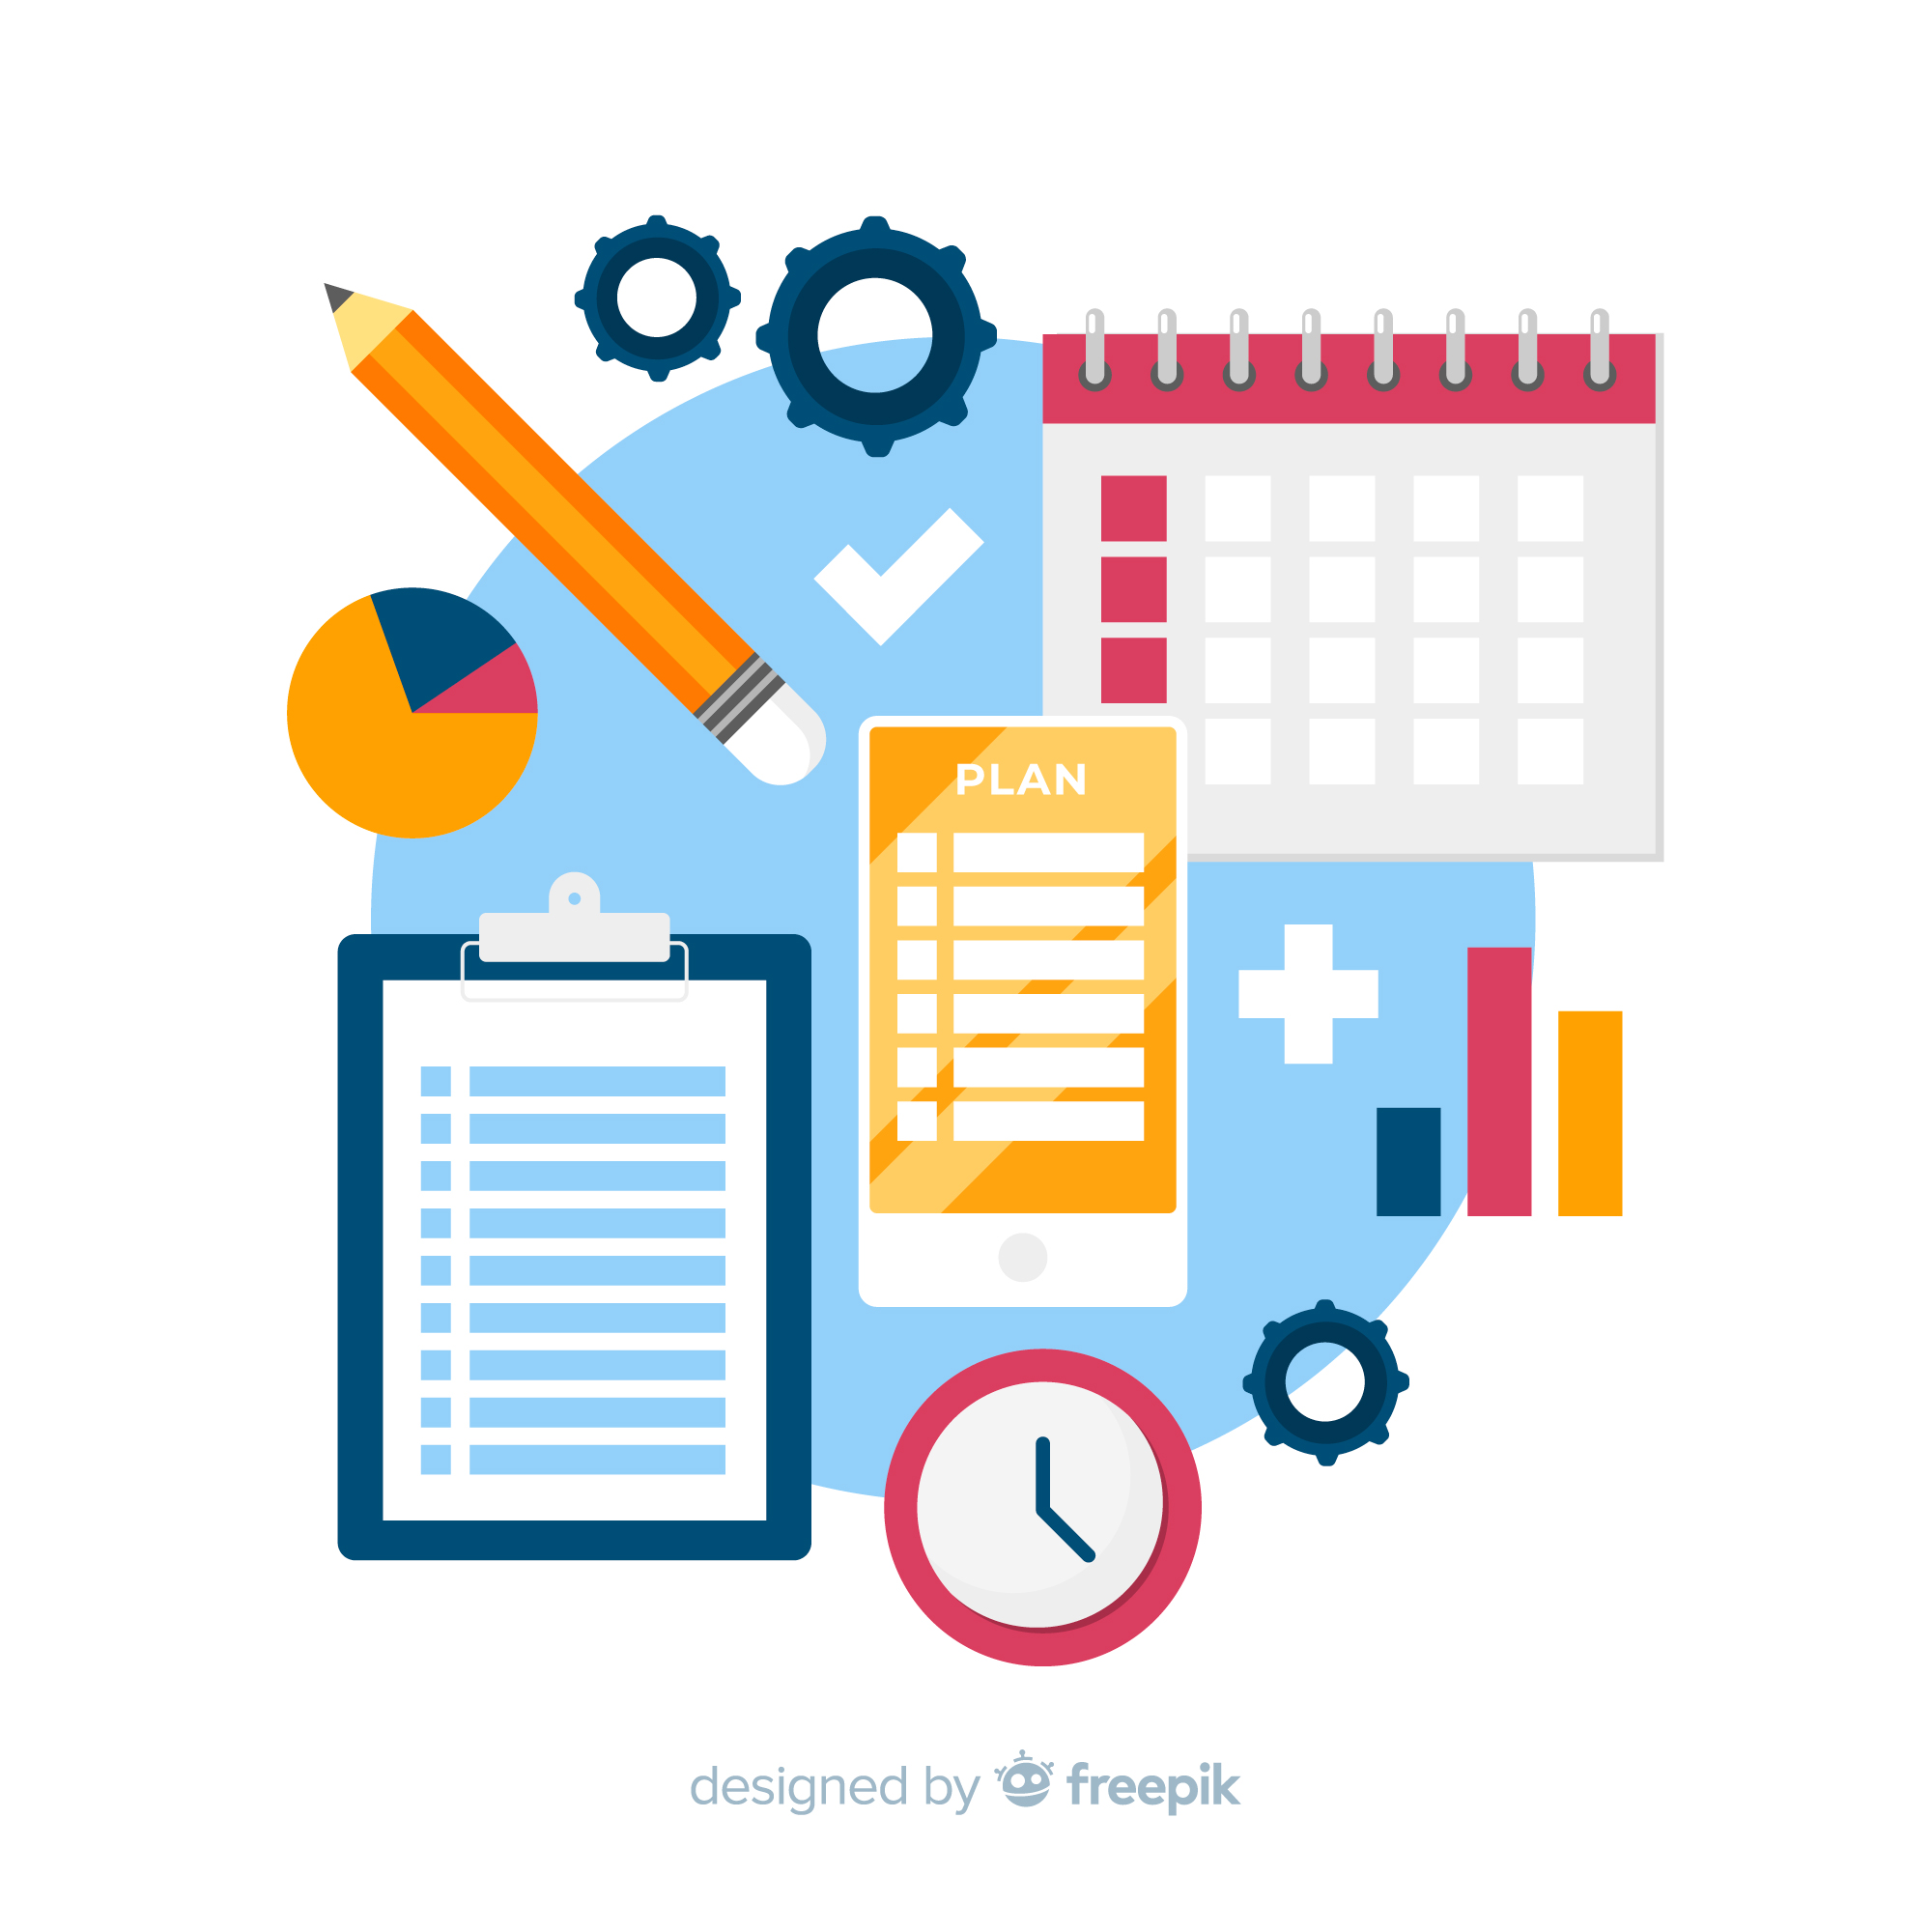 Augmenter sa productivité : 6 conseils pour une productivité à toute épreuve